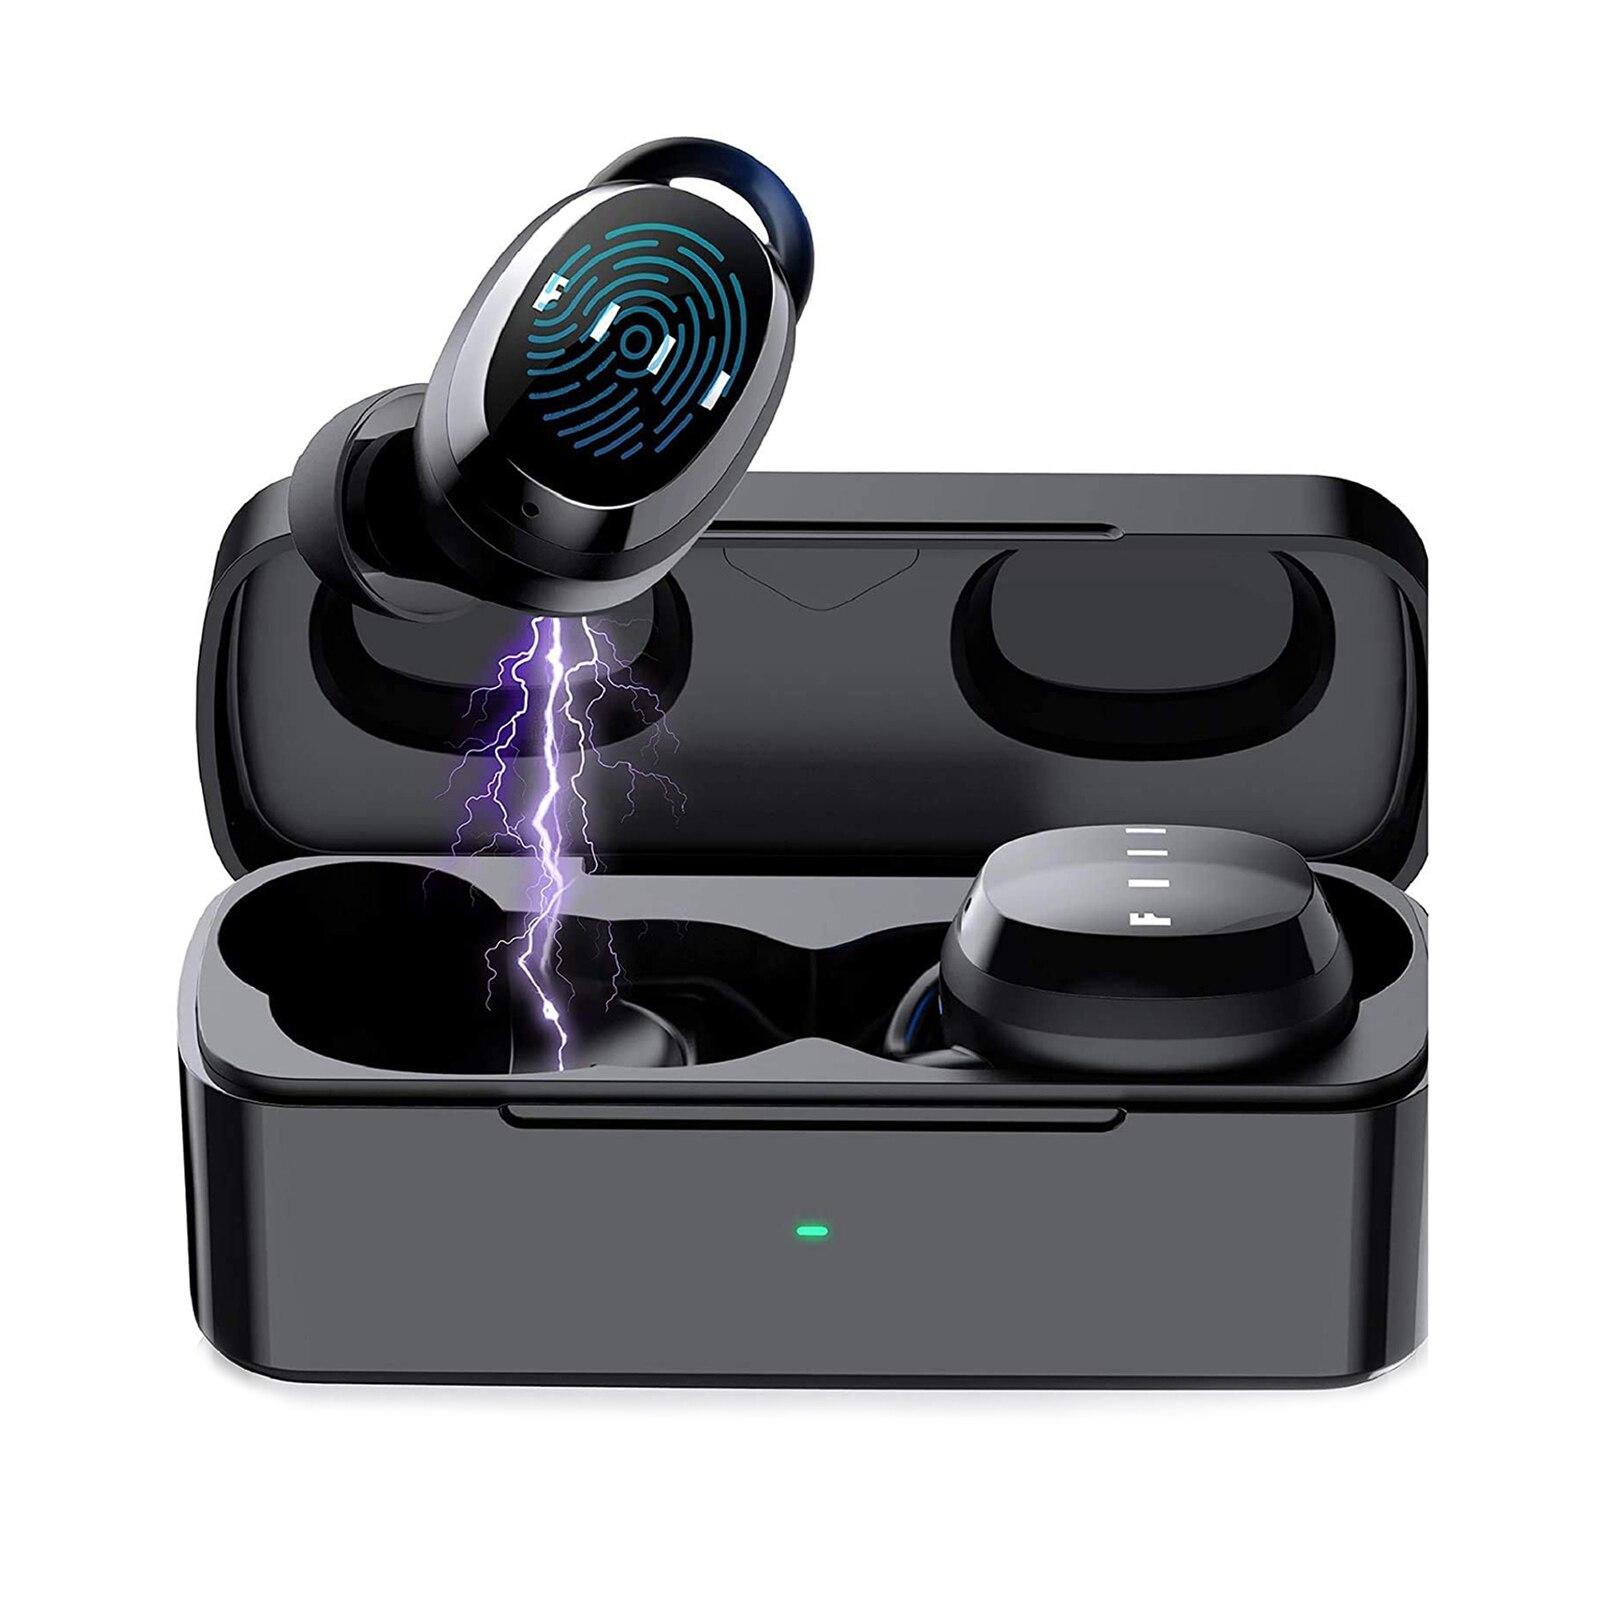 [해외] FIIL T1 XS 진정한 무선 헤드셋 스포츠 블루투스 5.0 에 대한 원본 XIAOMI 아이폰에 마이크와 이어폰 소음 감소  {색상|배송지:Black|CHINA}